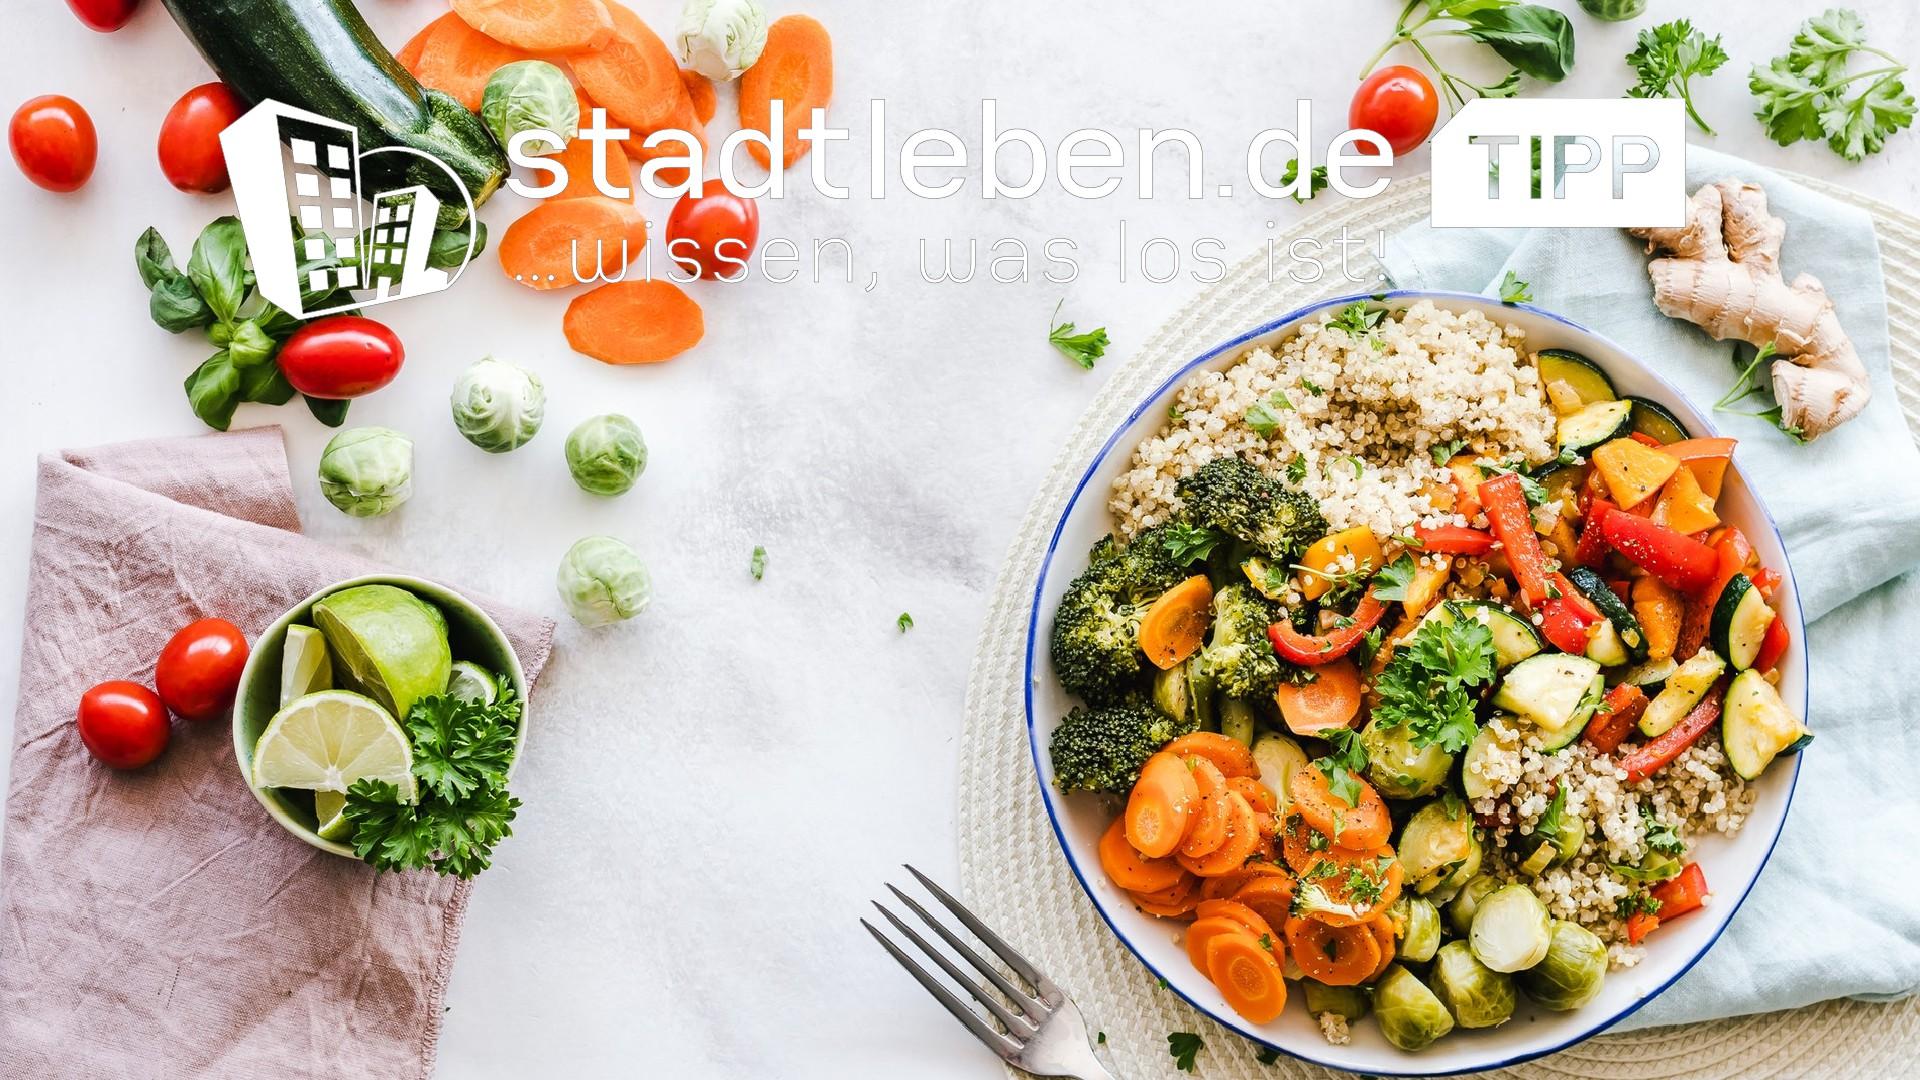 Mittagessen, Frankfurt am Main, Salat, lecker, Mainufer, Altstadt, vegan, vegetarisch, Mittagstisch